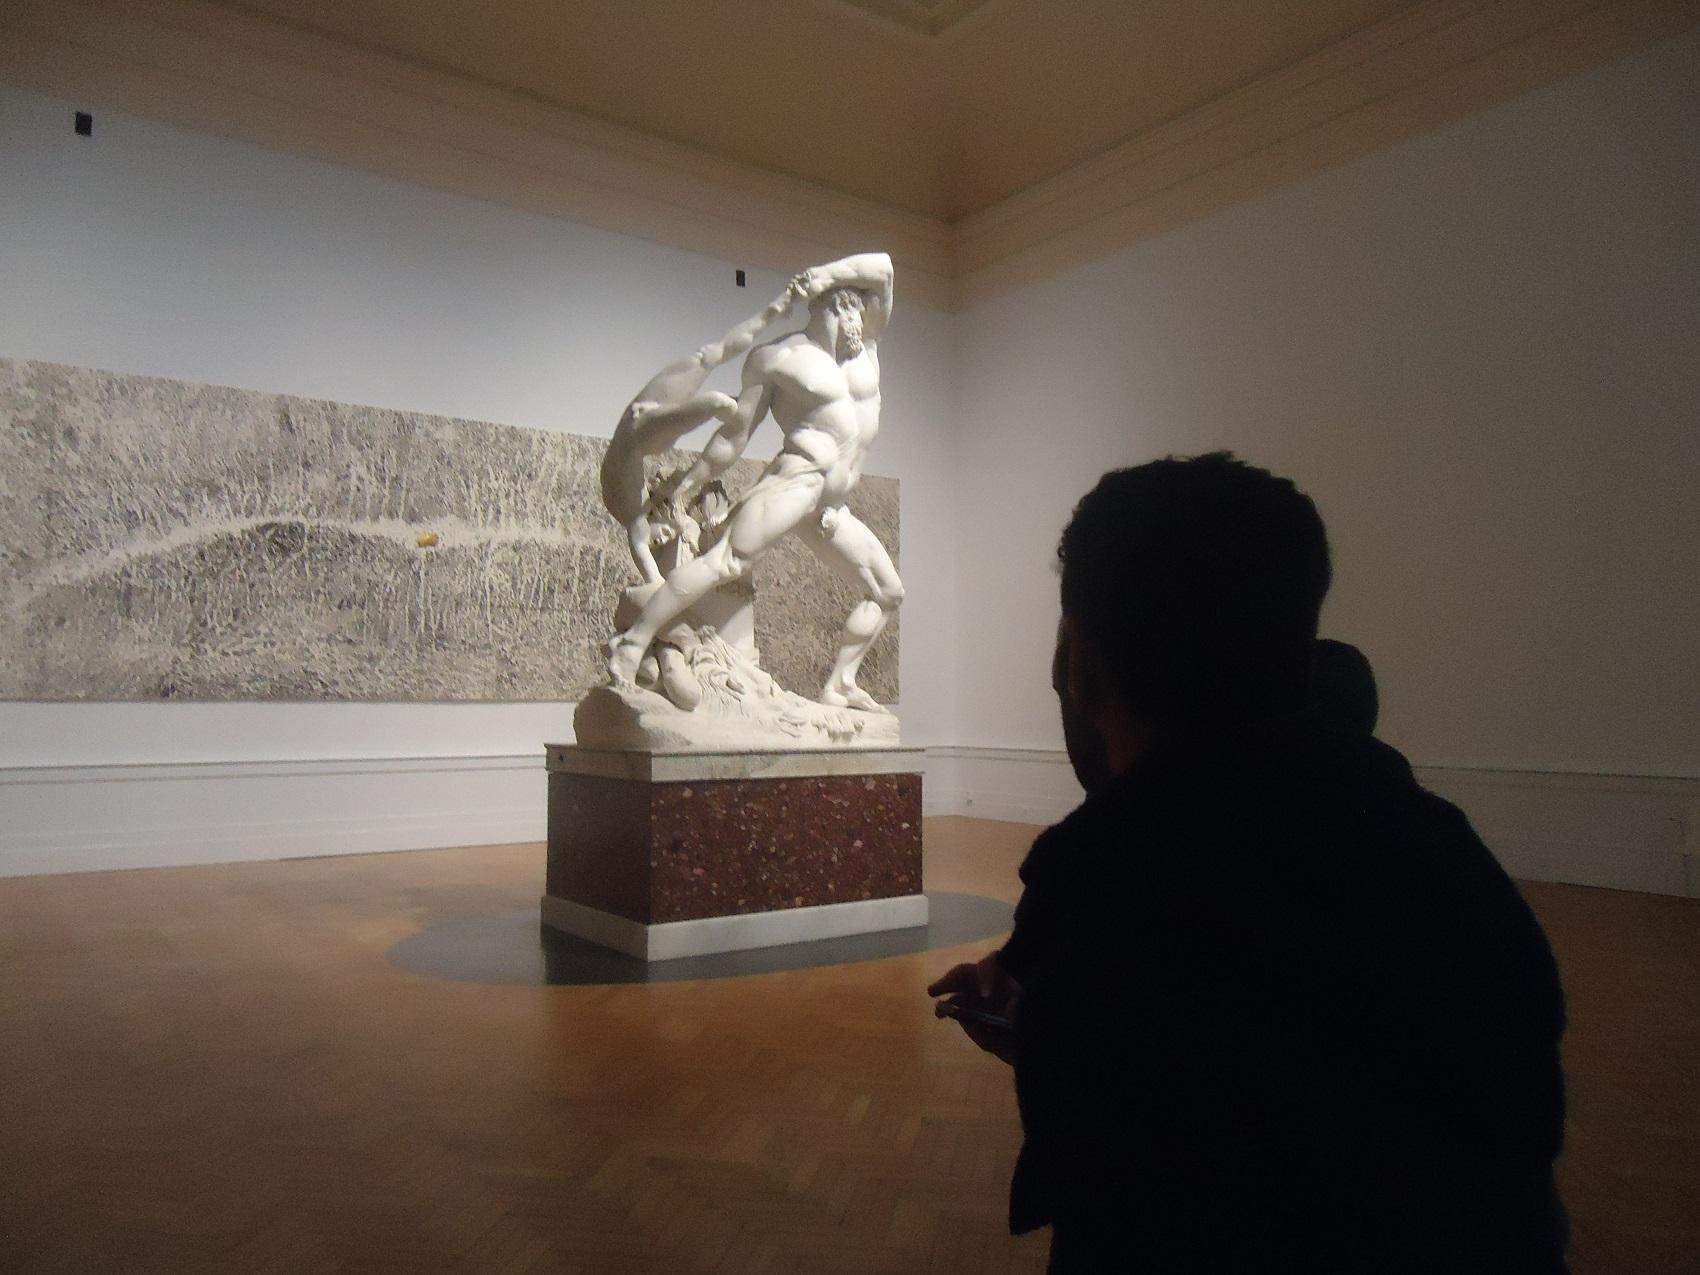 Sguardi, una delle fotografie esposte da Chiaroscuro, Roma, scattata alla Galleria Nazionale